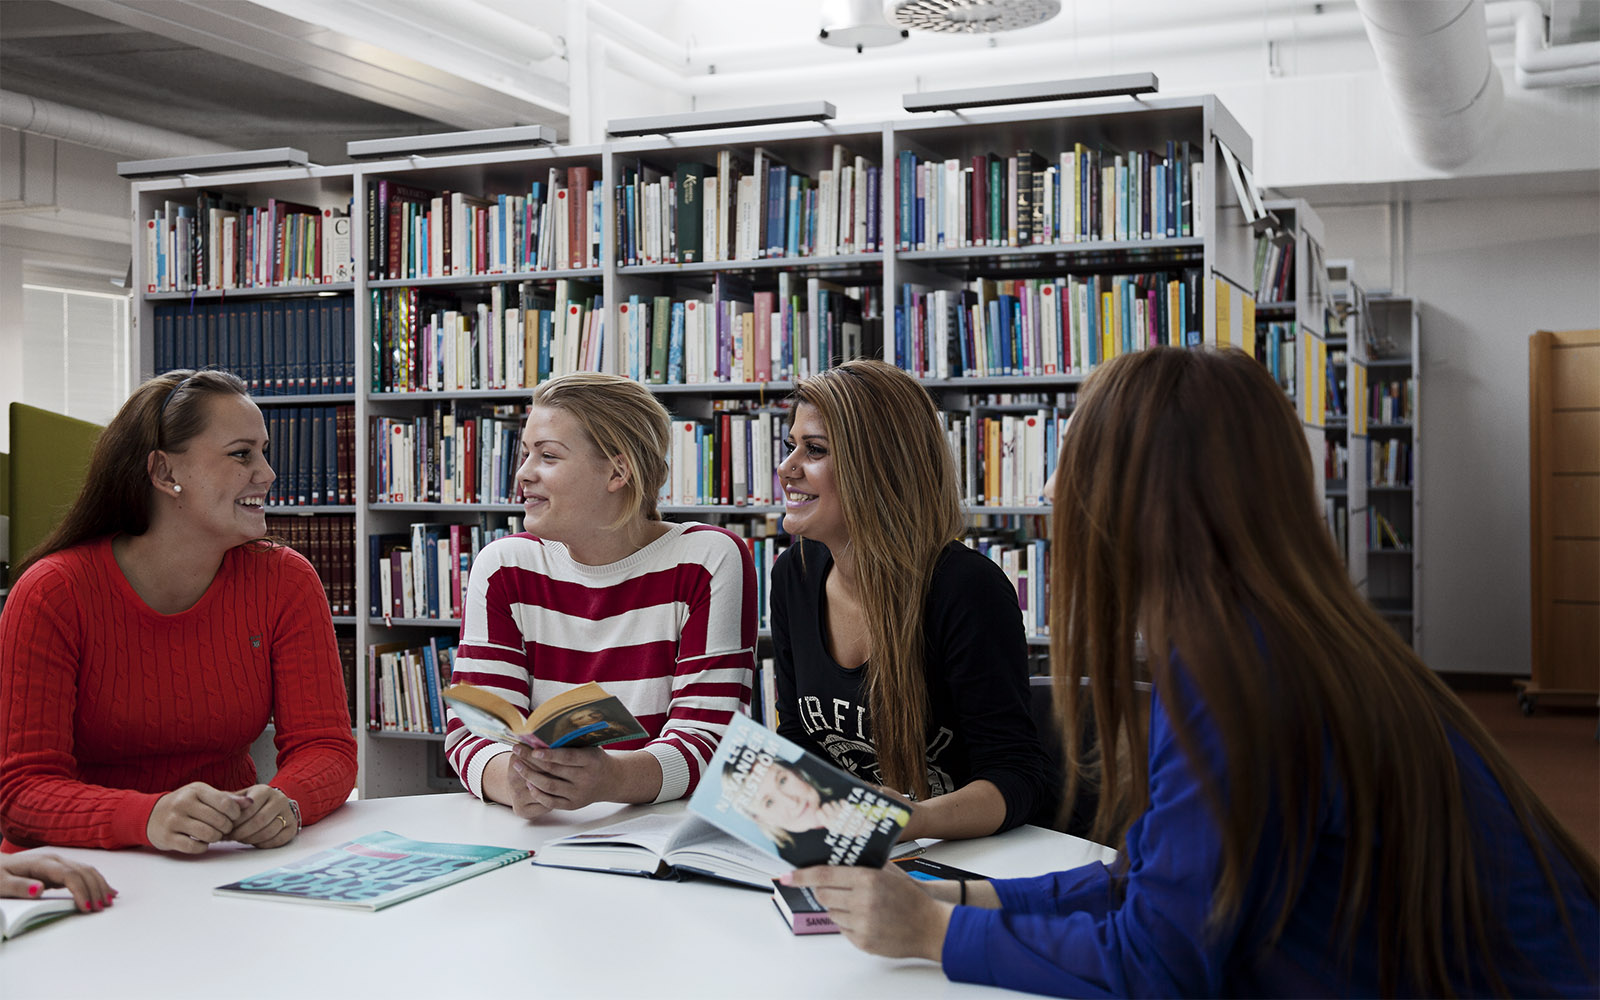 Schüler der Sågbäcksgymnasiet in der Bibliothek, die durch natürliches Licht beleuchtet wird